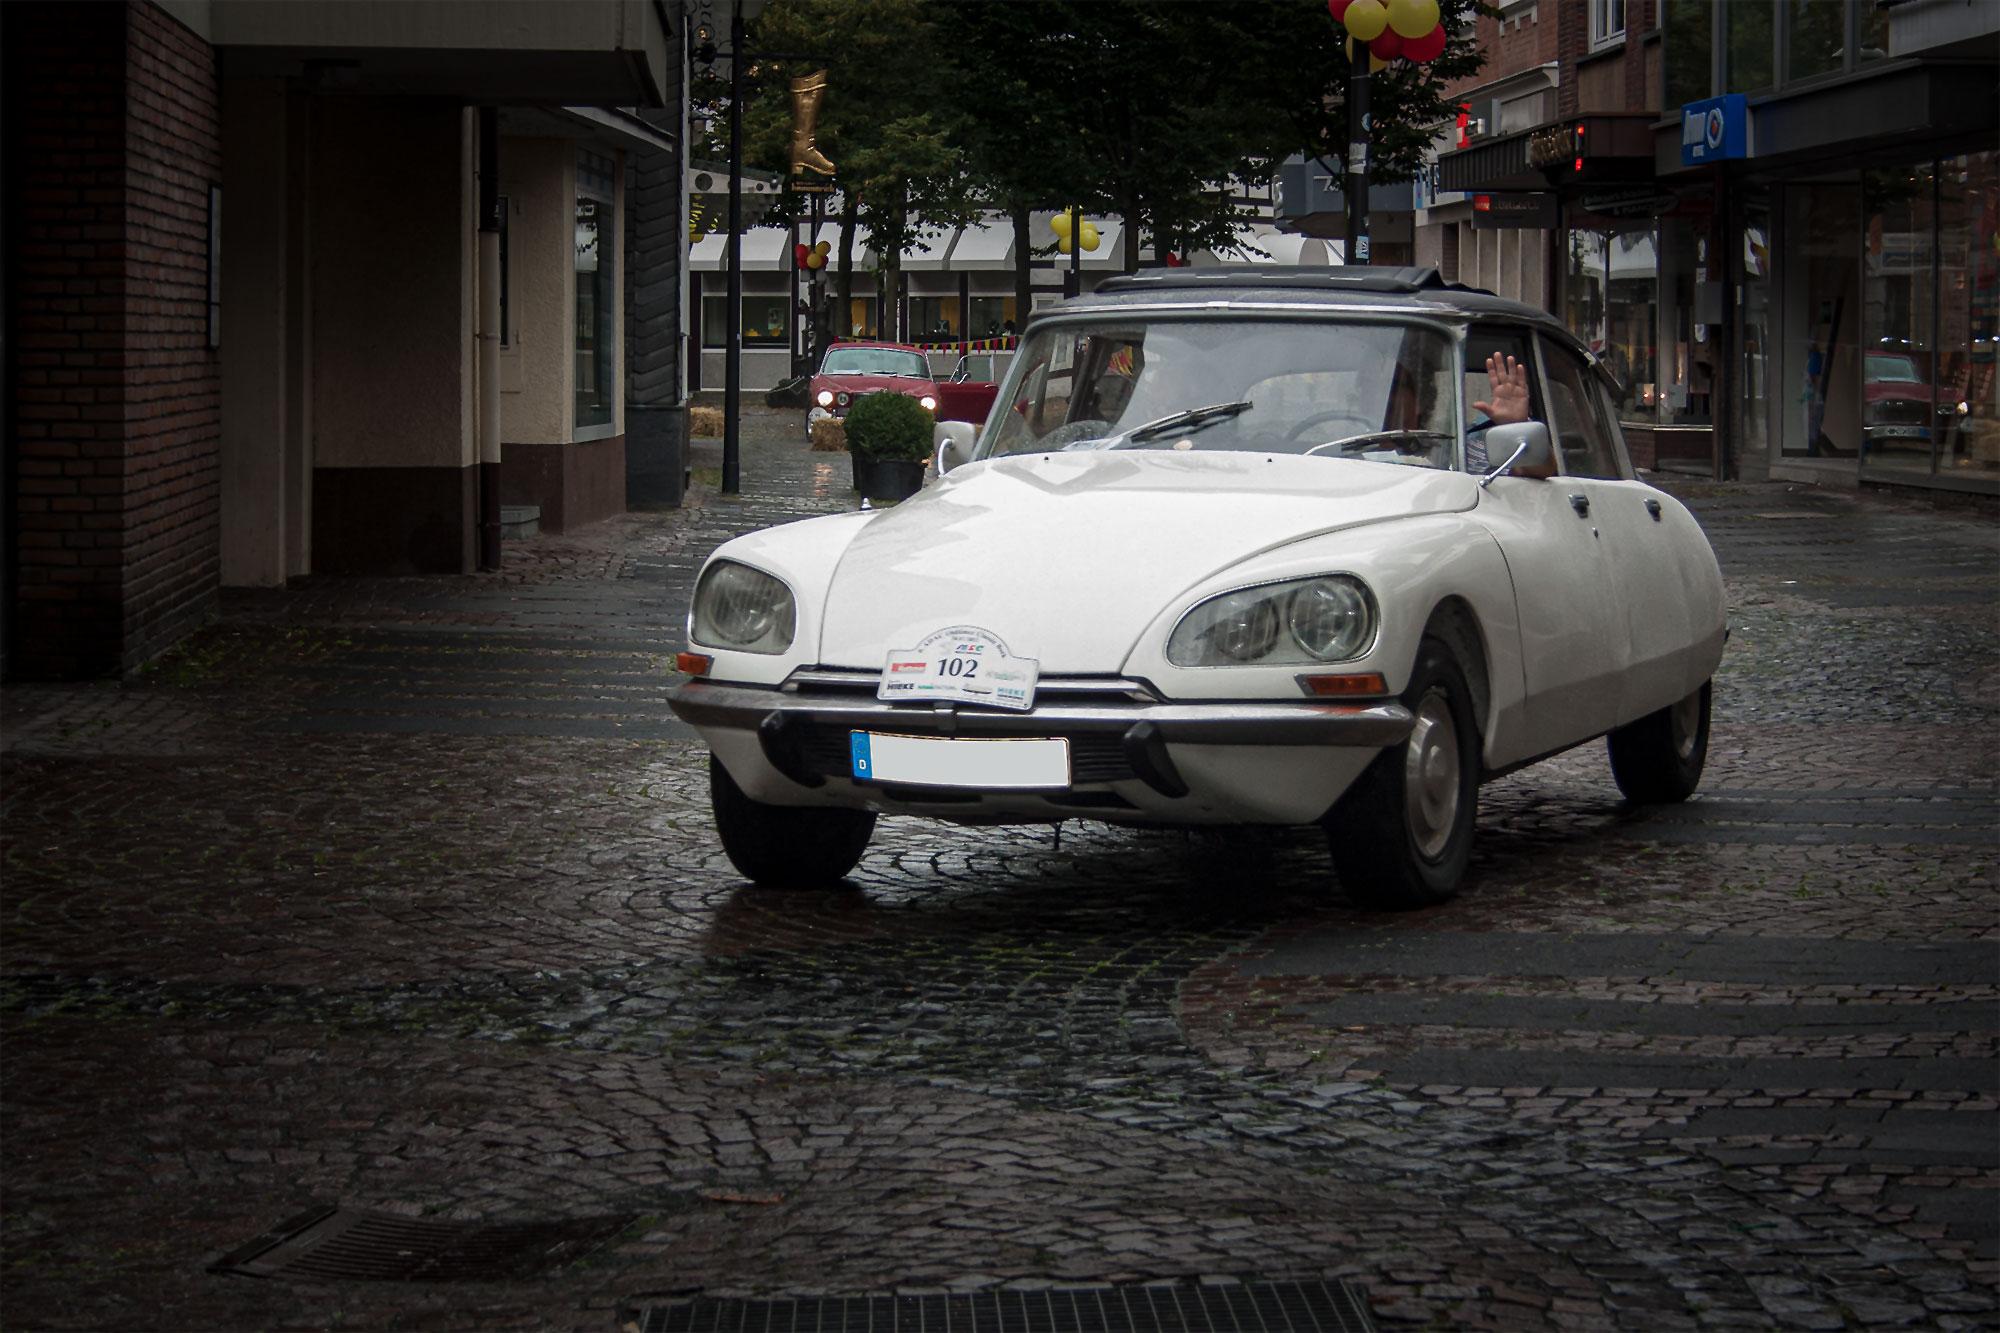 Citroën DS - ADAC Classic Bork 2012